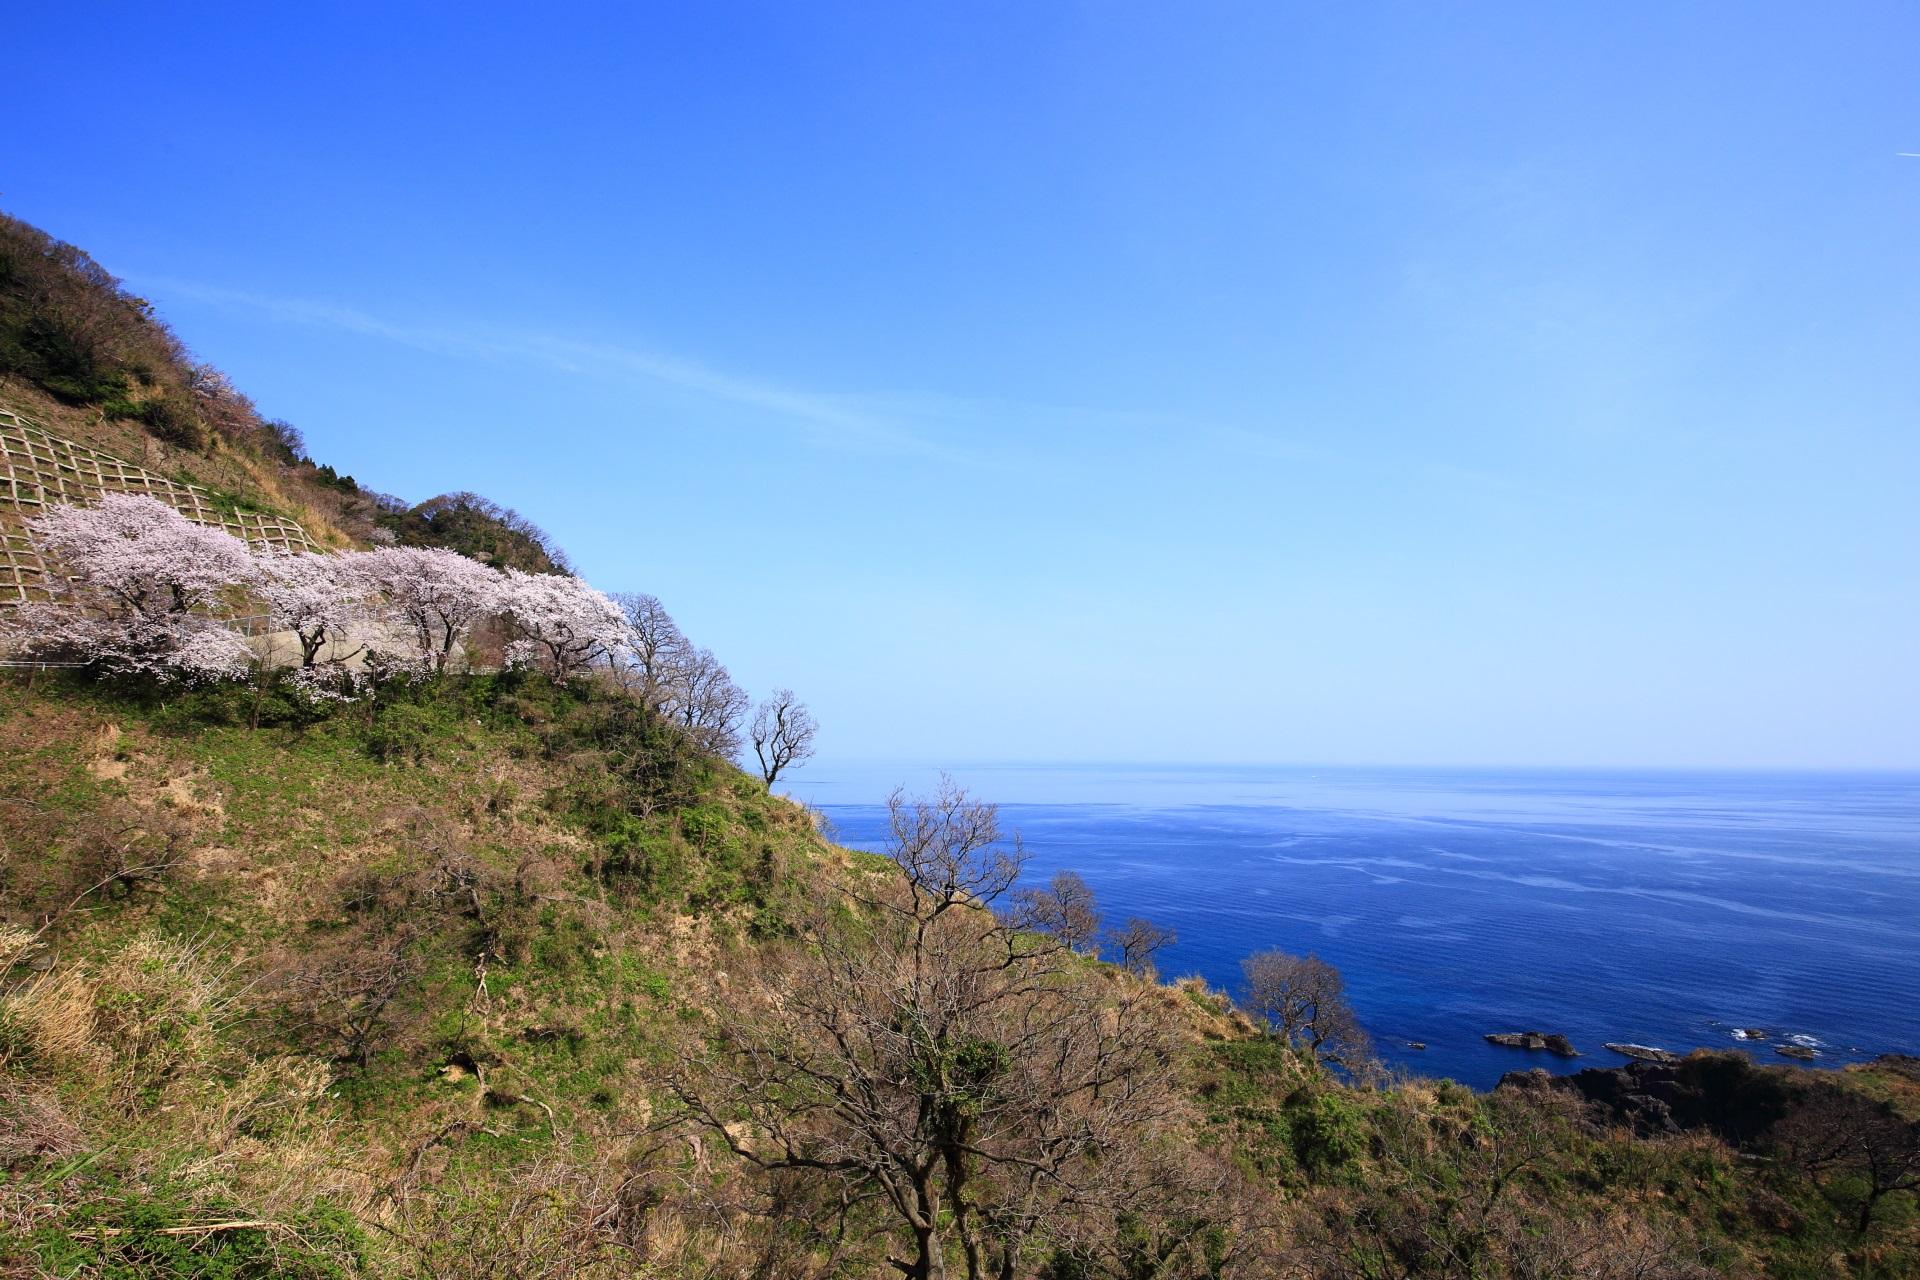 崖の上に立ち並ぶカマヤ海岸の桜並木